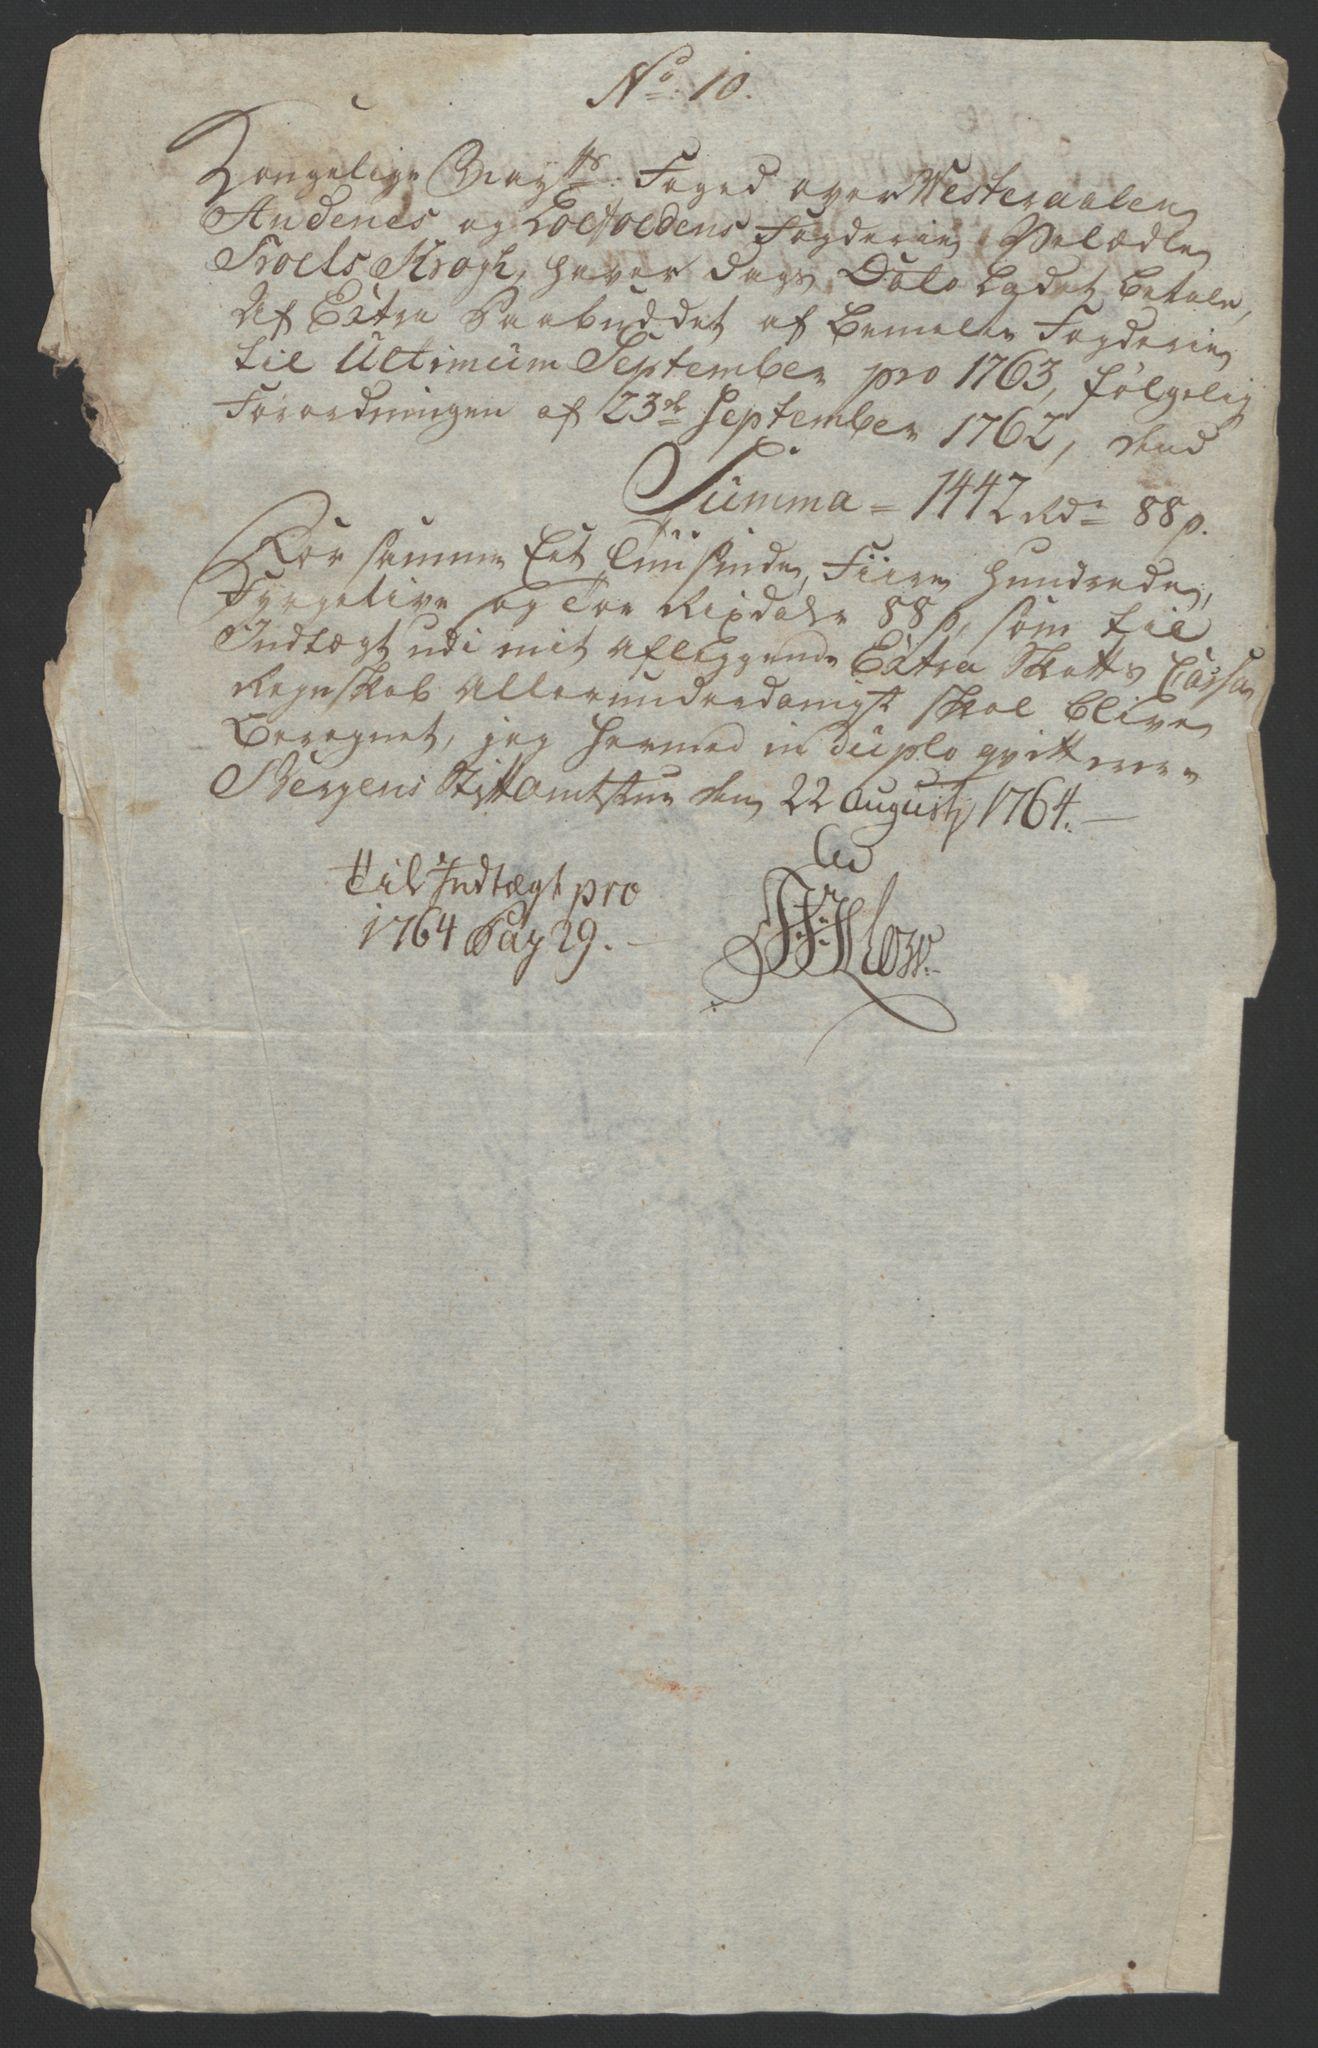 RA, Rentekammeret inntil 1814, Reviderte regnskaper, Fogderegnskap, R67/L4747: Ekstraskatten Vesterålen, Andenes og Lofoten, 1762-1766, s. 327